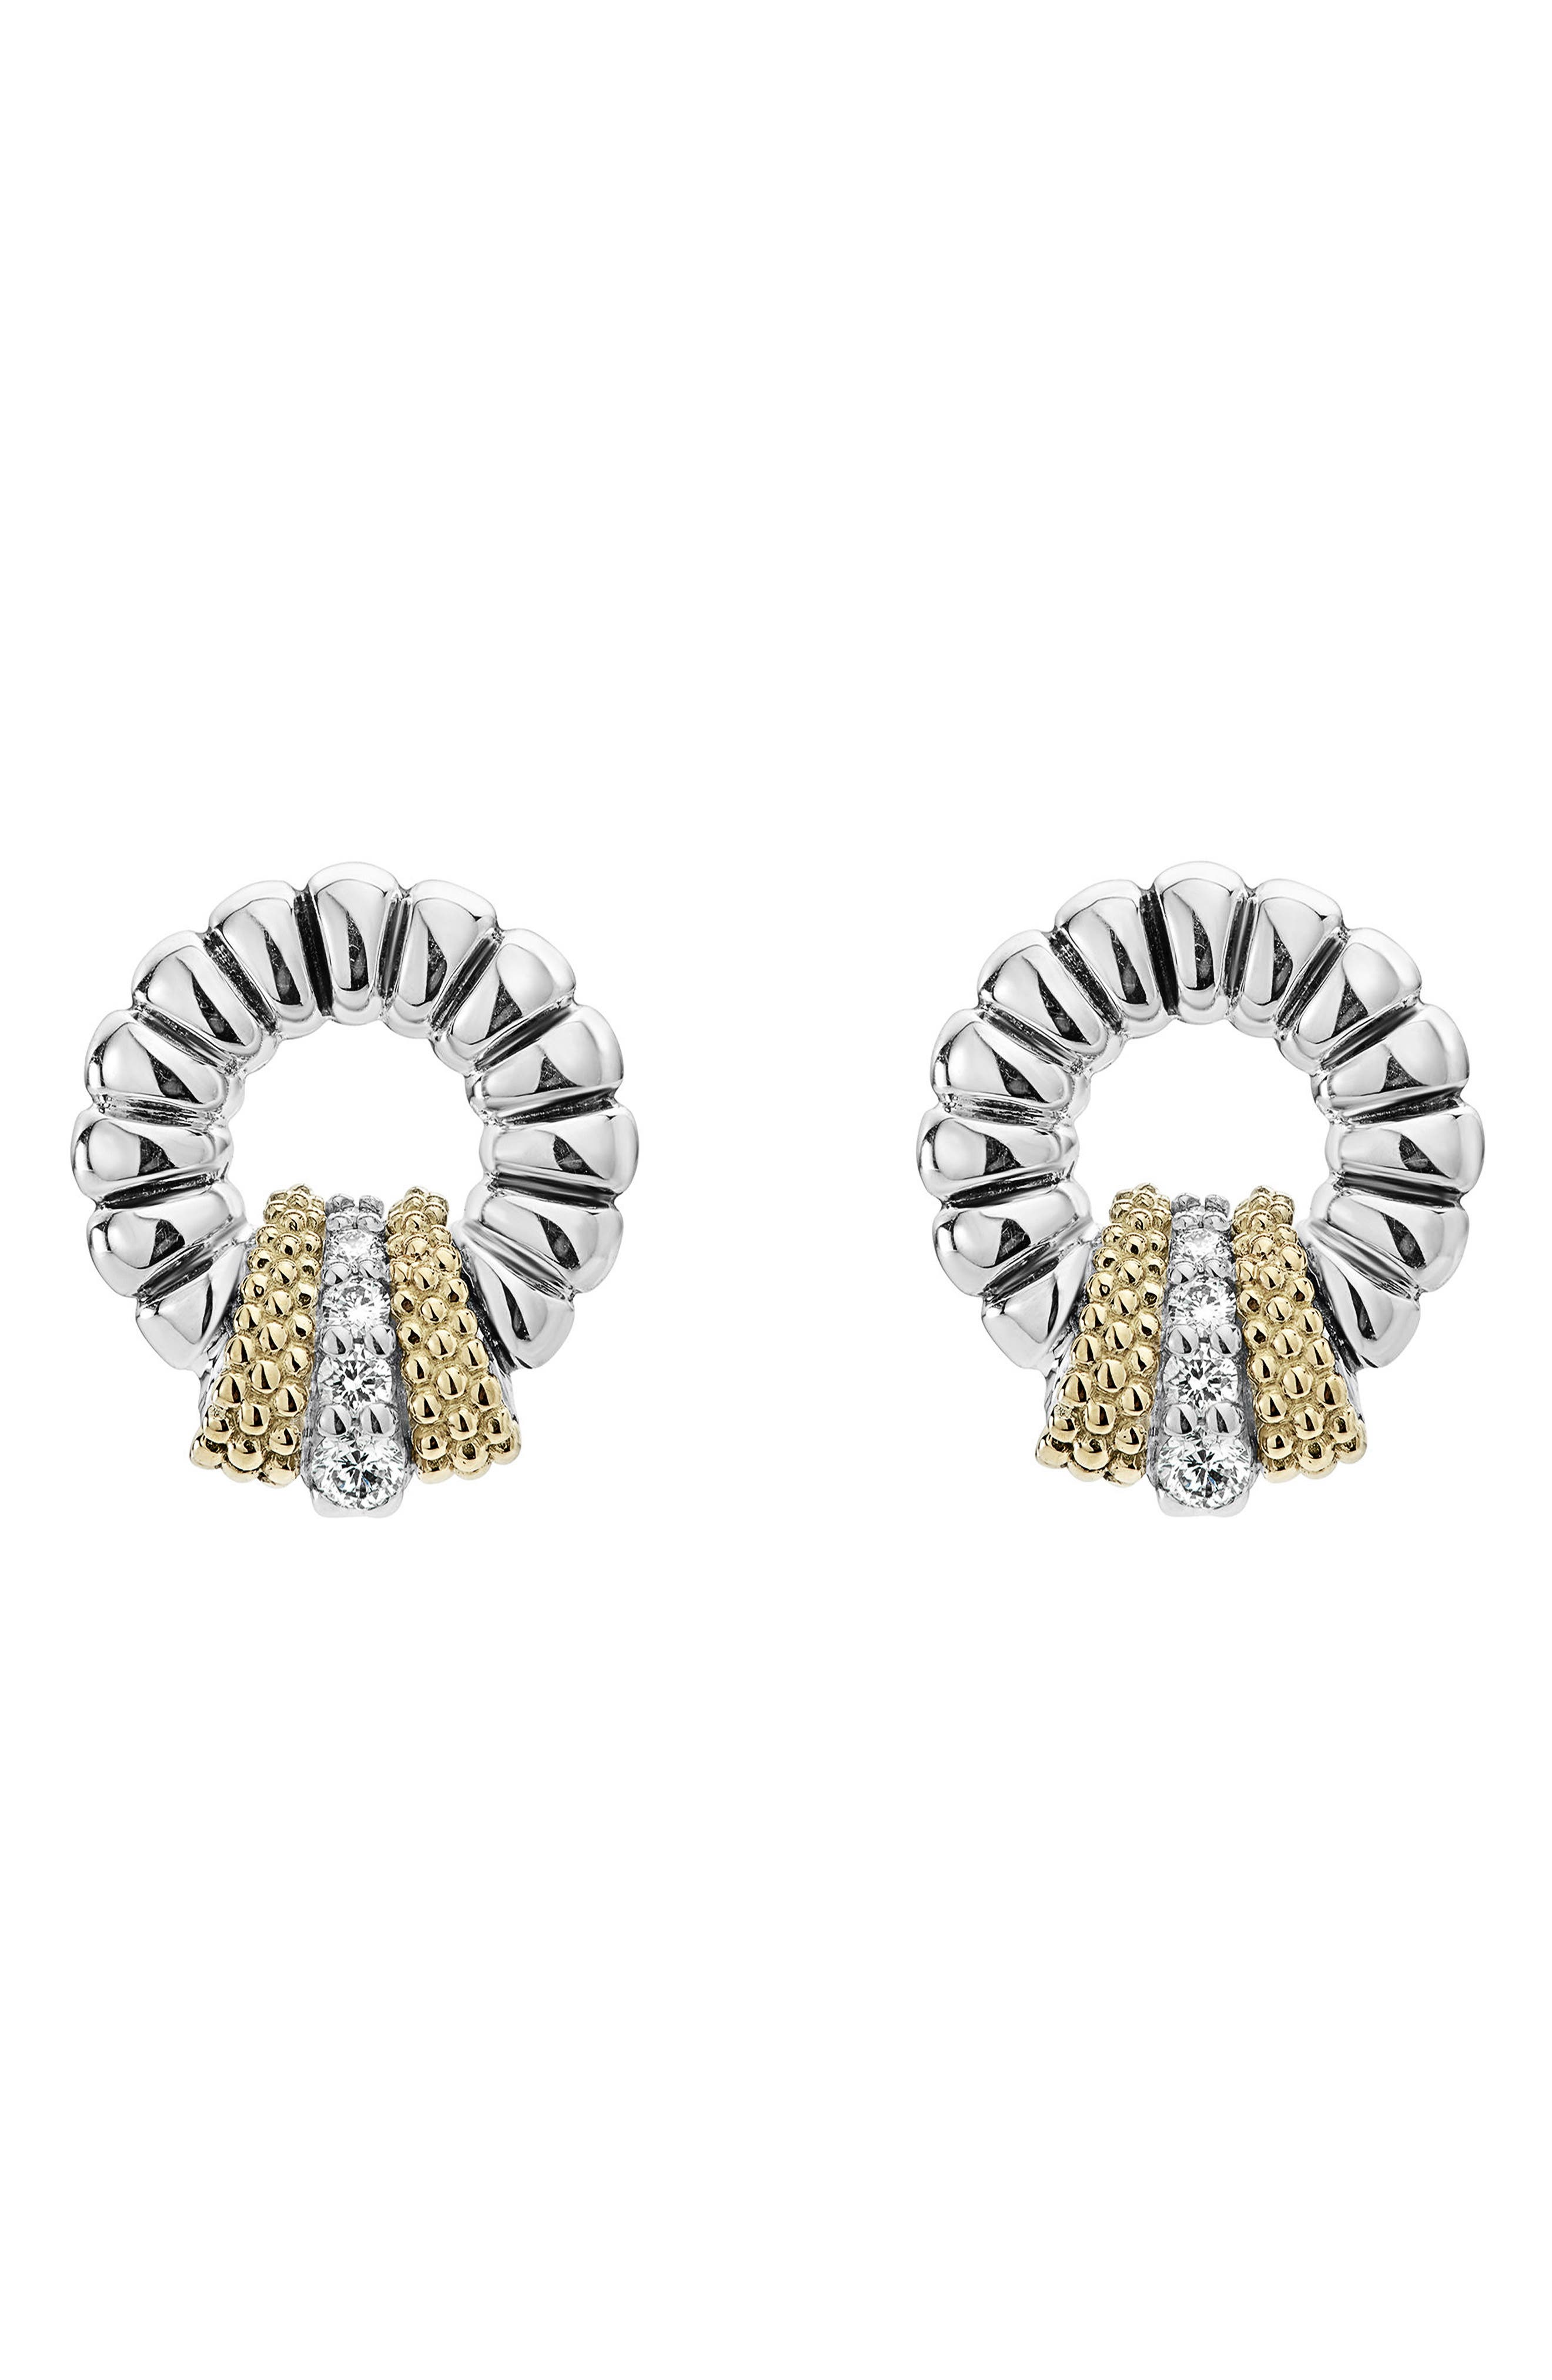 Main Image - LAGOS Lux Diamond Stud Earrings